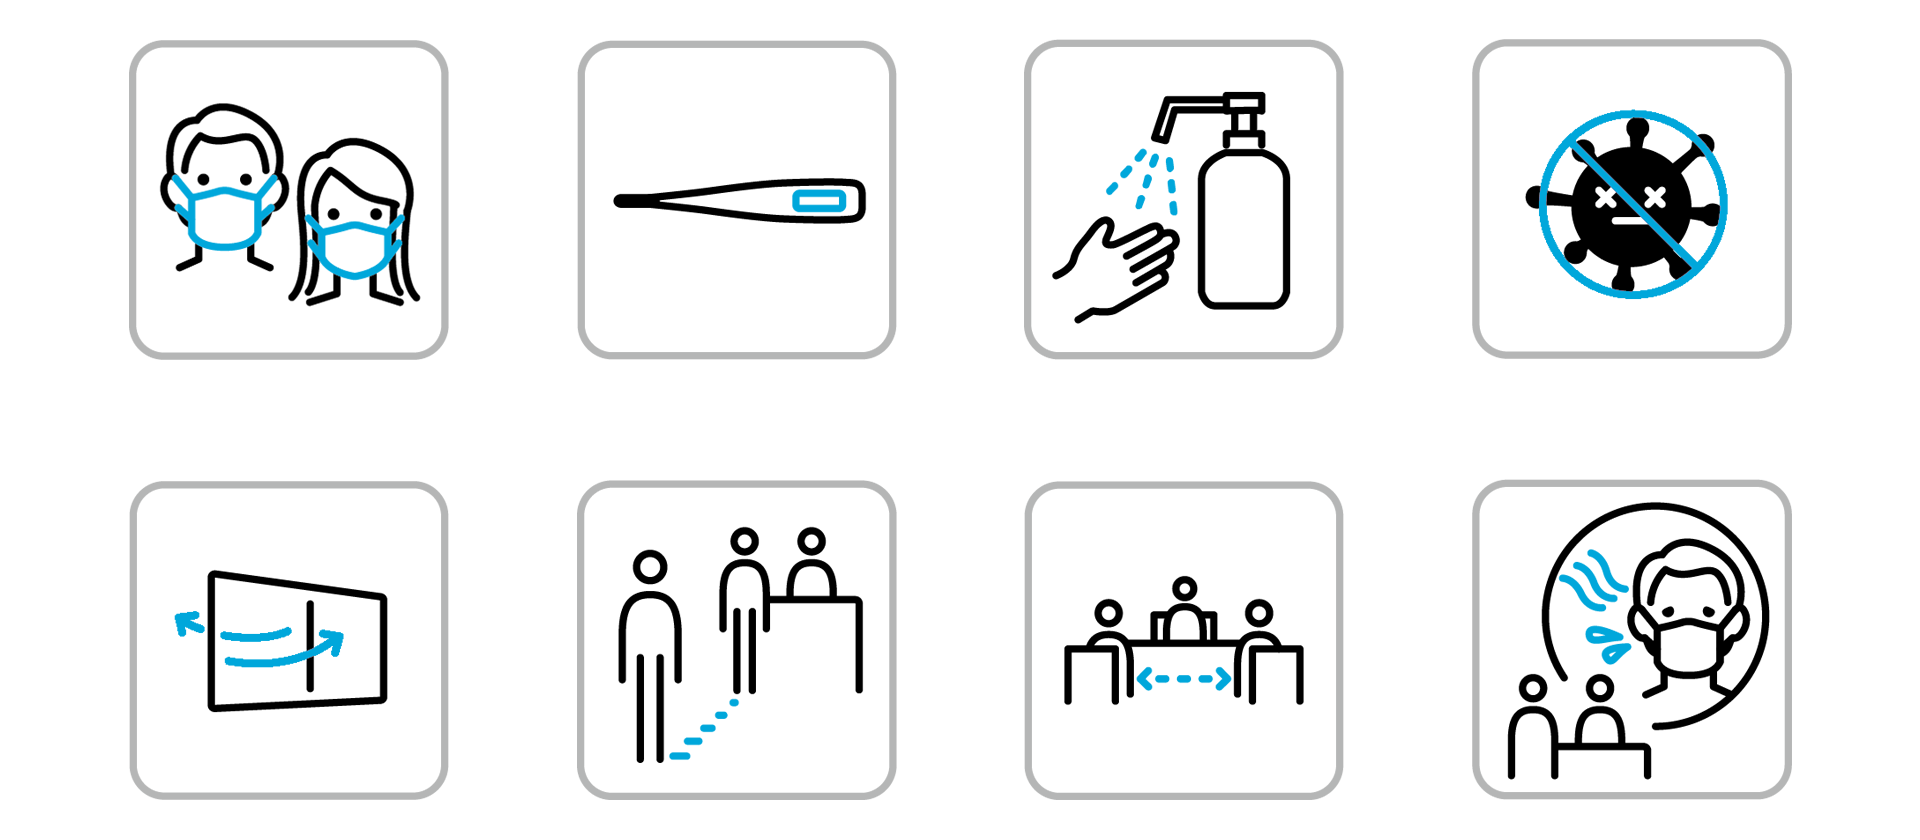 当館における新型コロナウイルス感染症への安全対策とお客様へのお願い